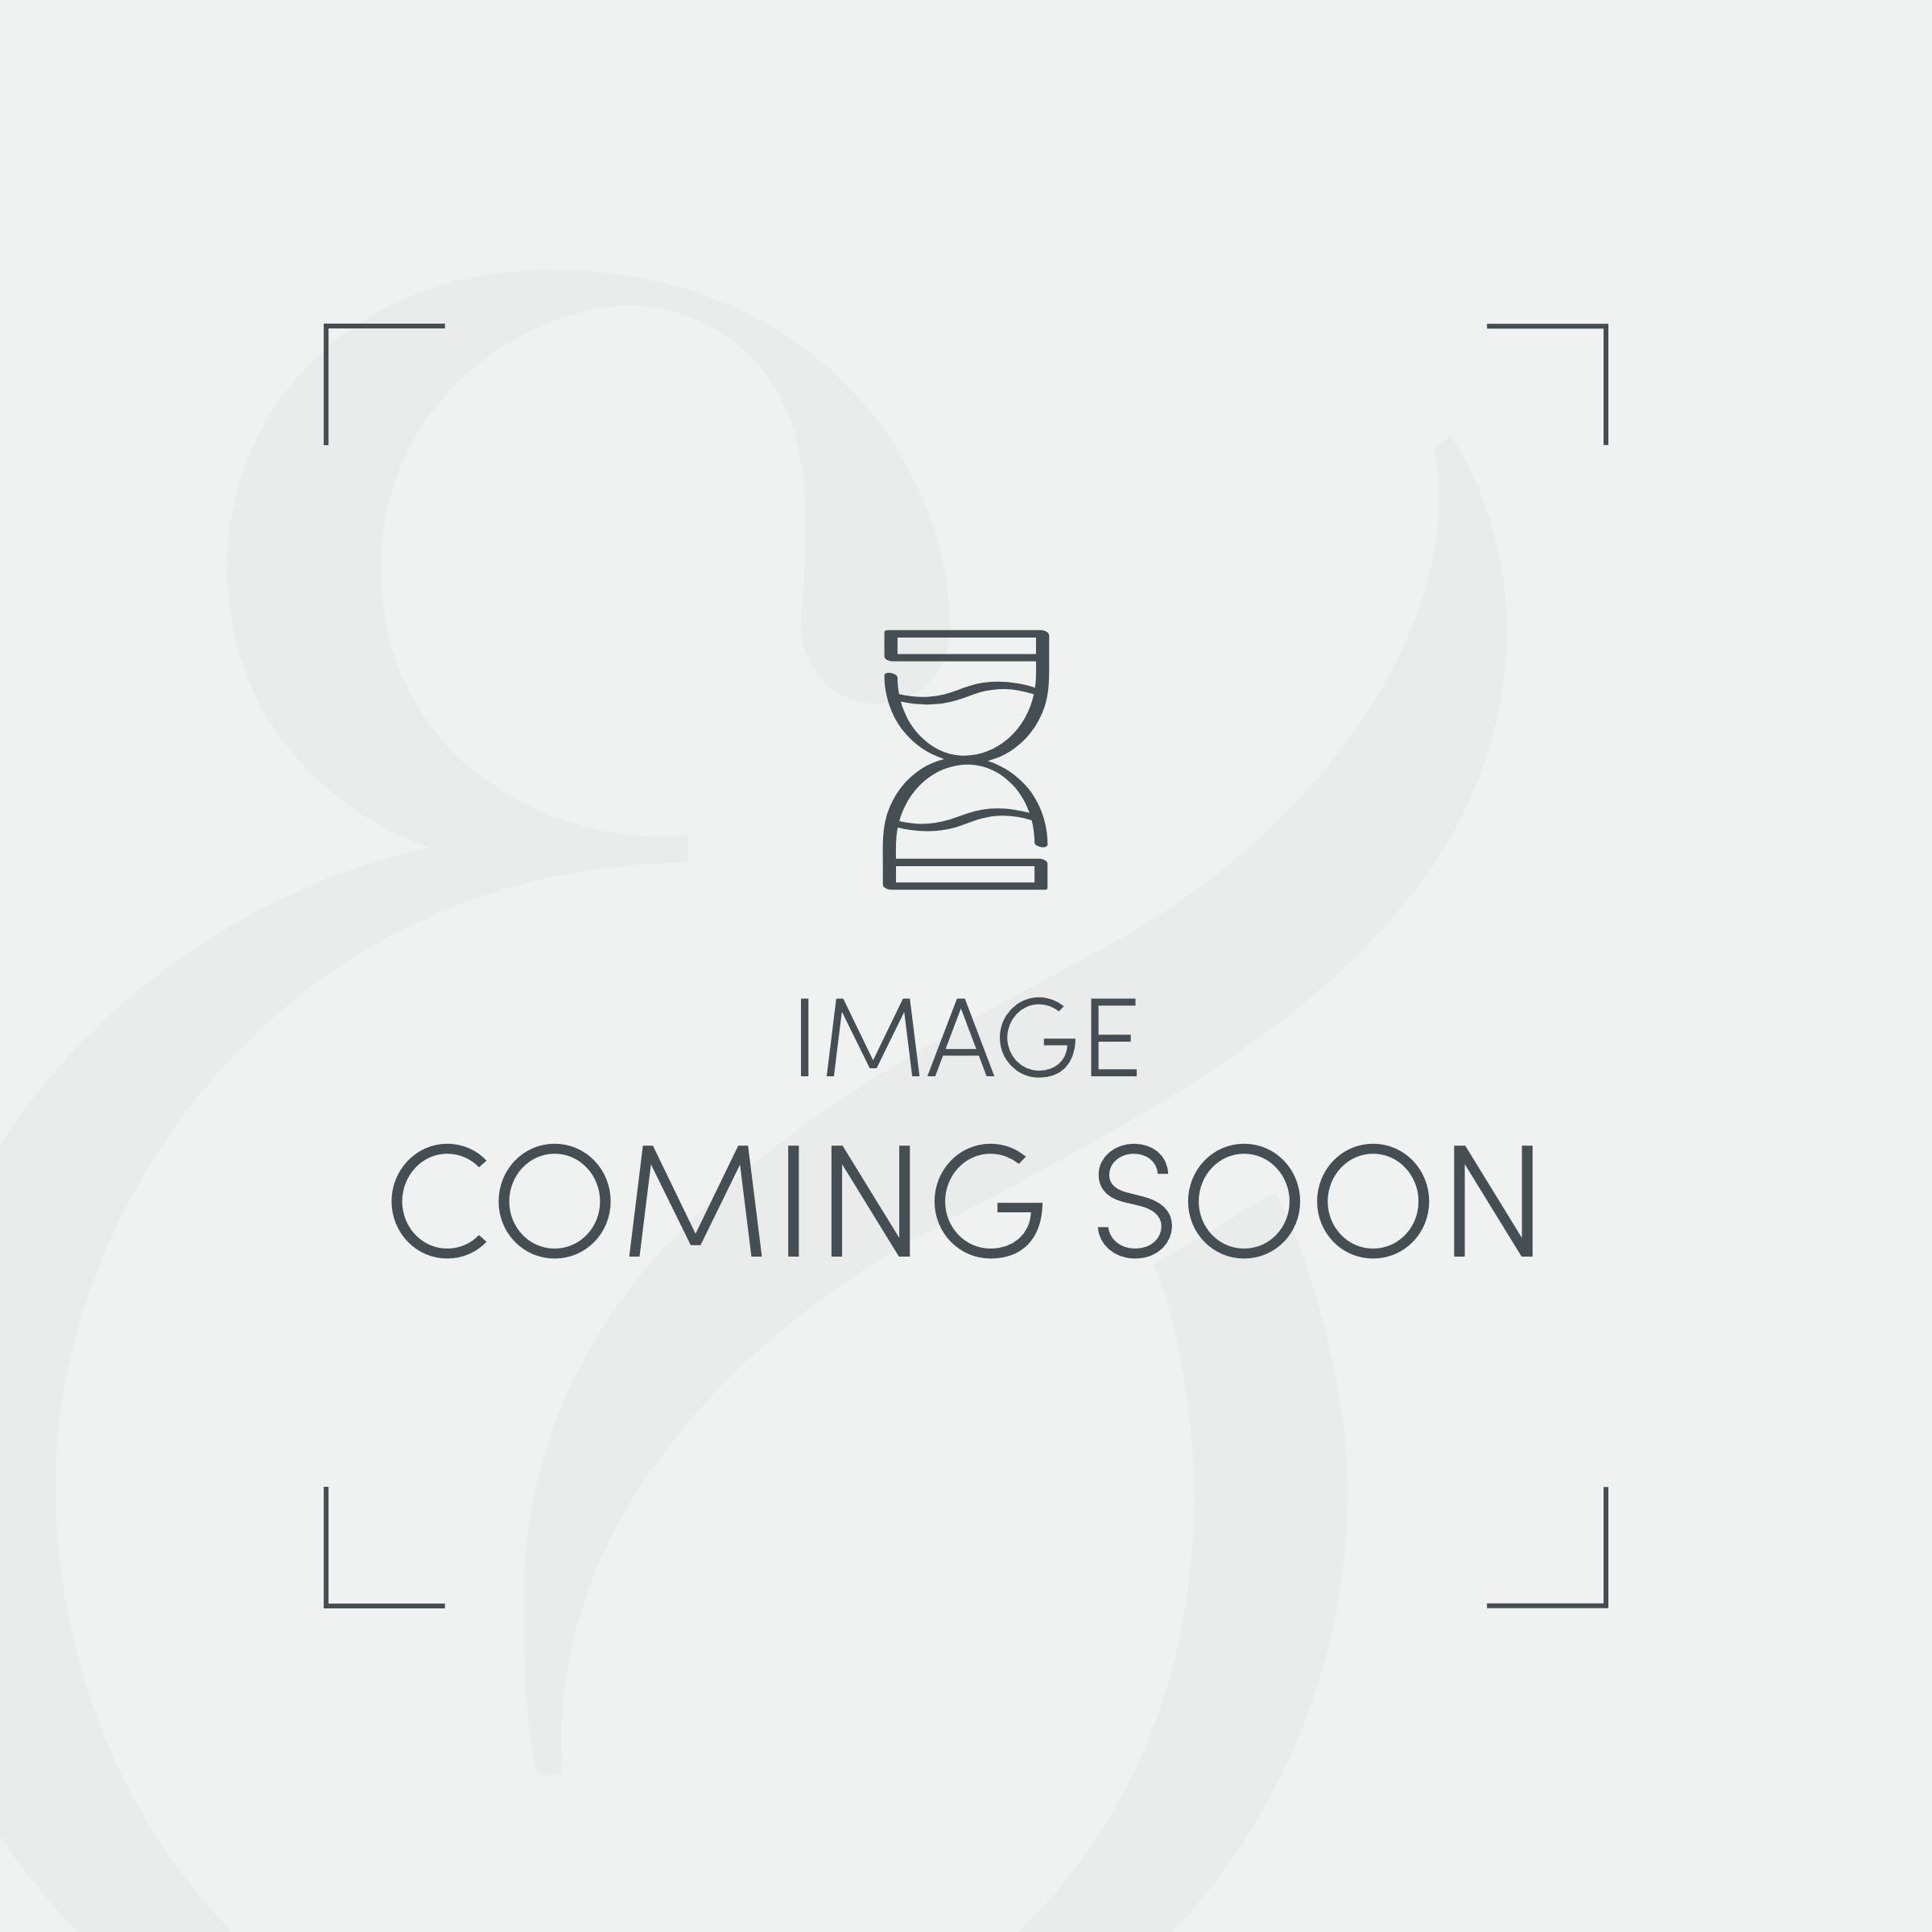 Comfort 1000 Pocket Spring Mattress - Medium/Firm - King